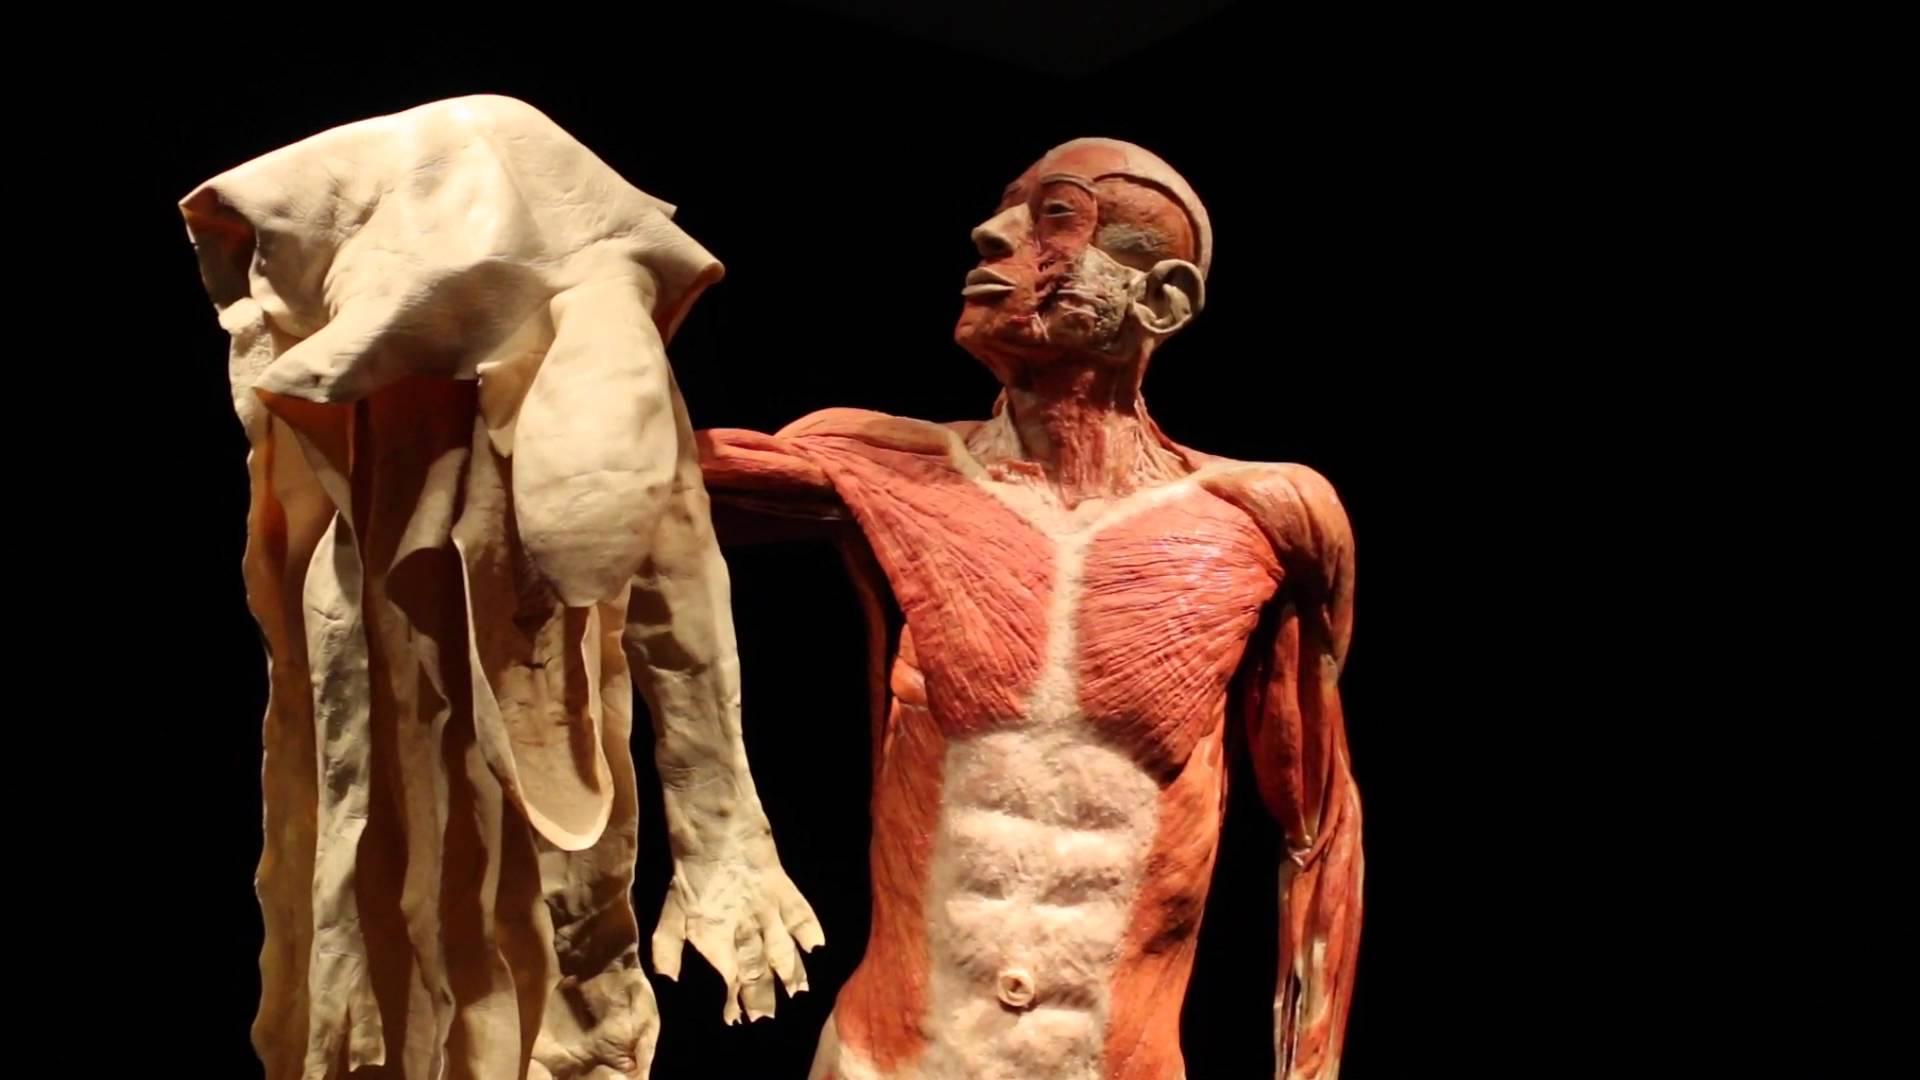 صورة معلومات علمية , اغرب معلومات علمية عن جسم الانسان